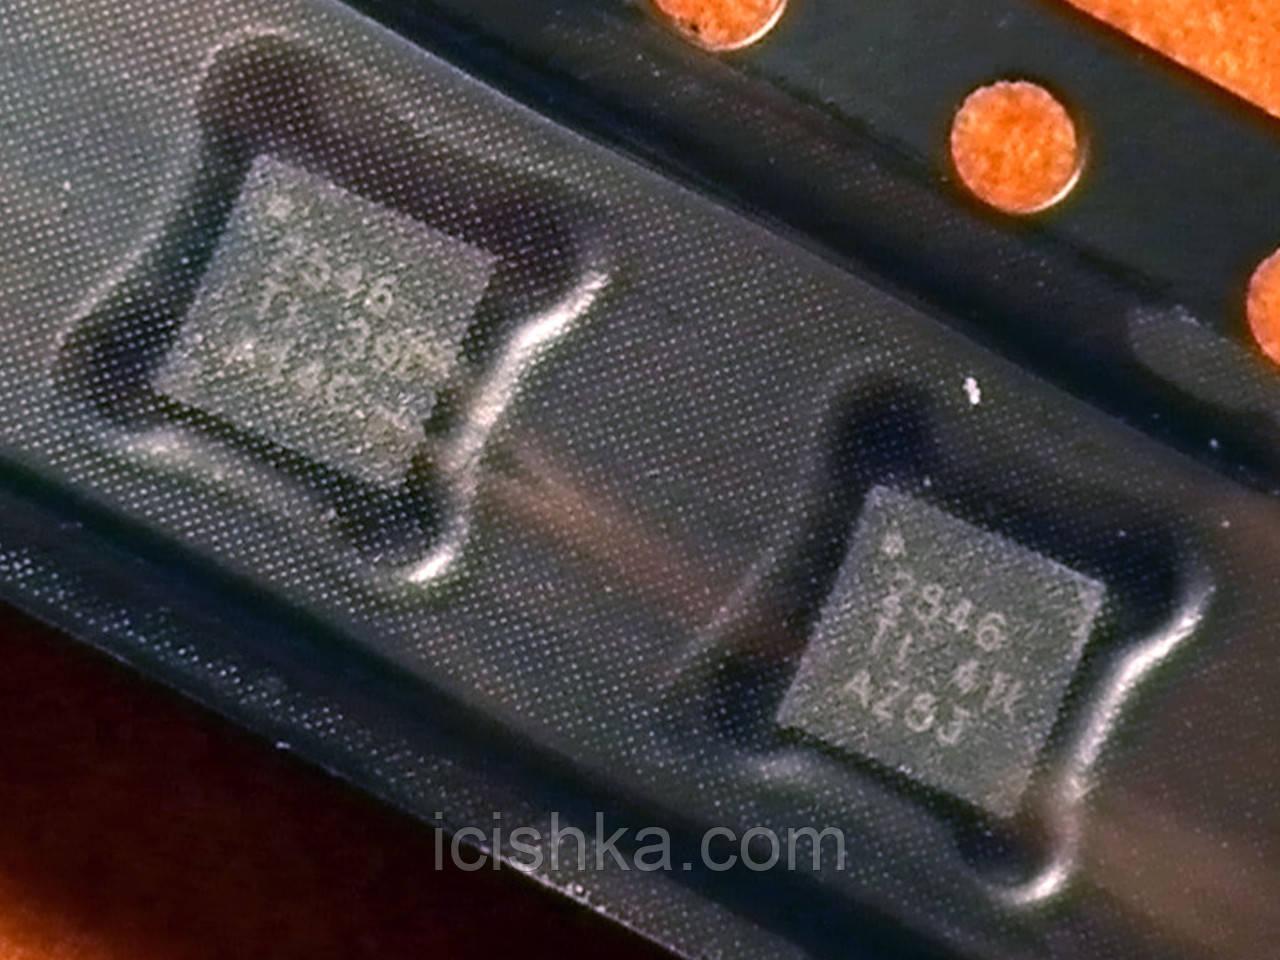 TPS2546 / TPS2546RTER / 2546 WQFN-16 - коммутатор зарядки USB